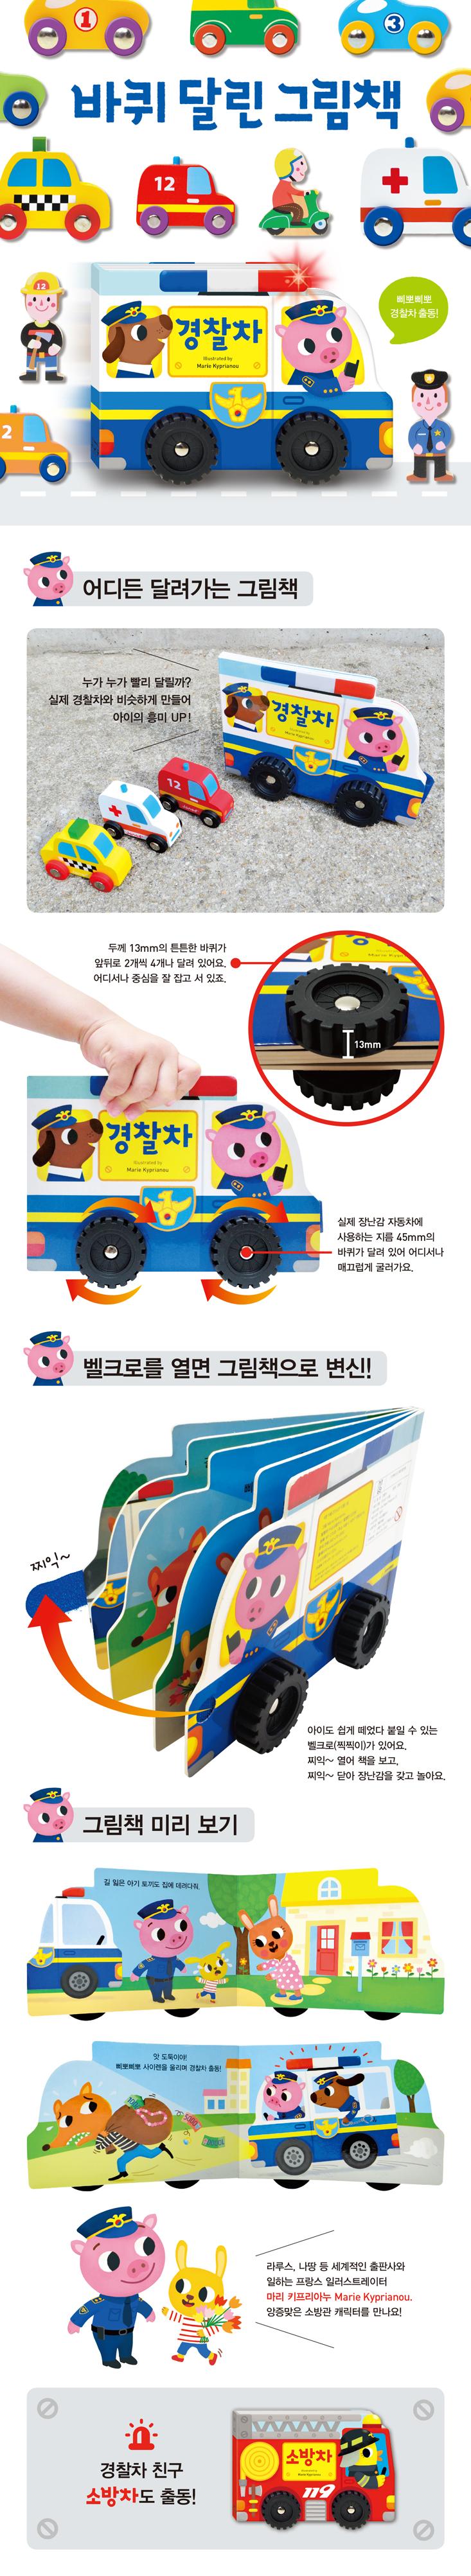 삼성출판사 바퀴달린 그림책 소방차/경찰차 시리즈